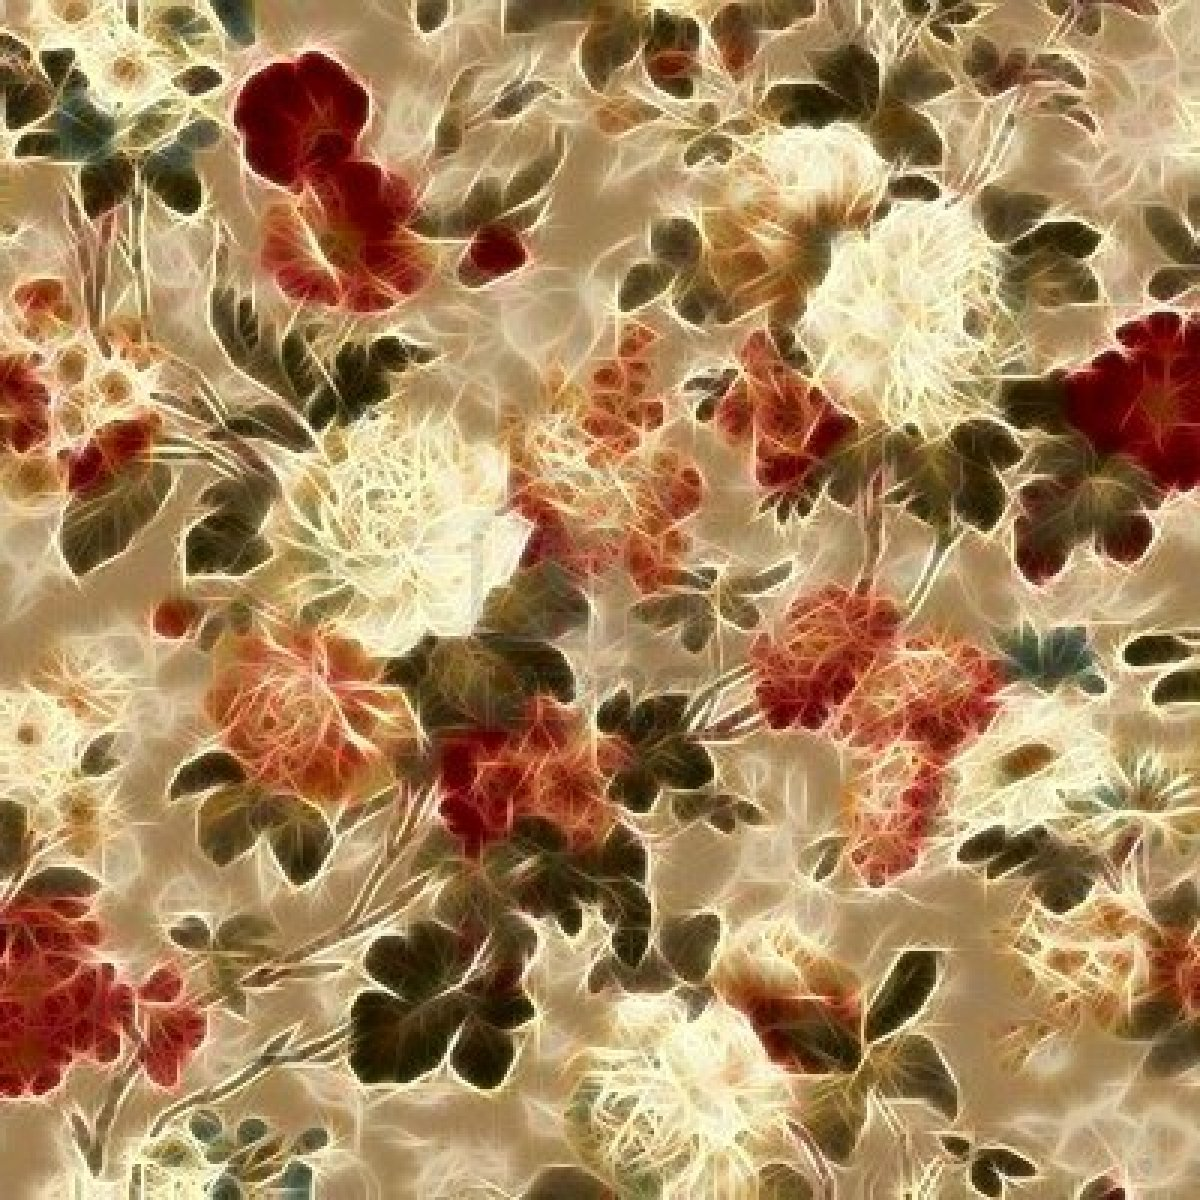 freebies vintage floral background for blogs budakvanilla 39 s. Black Bedroom Furniture Sets. Home Design Ideas